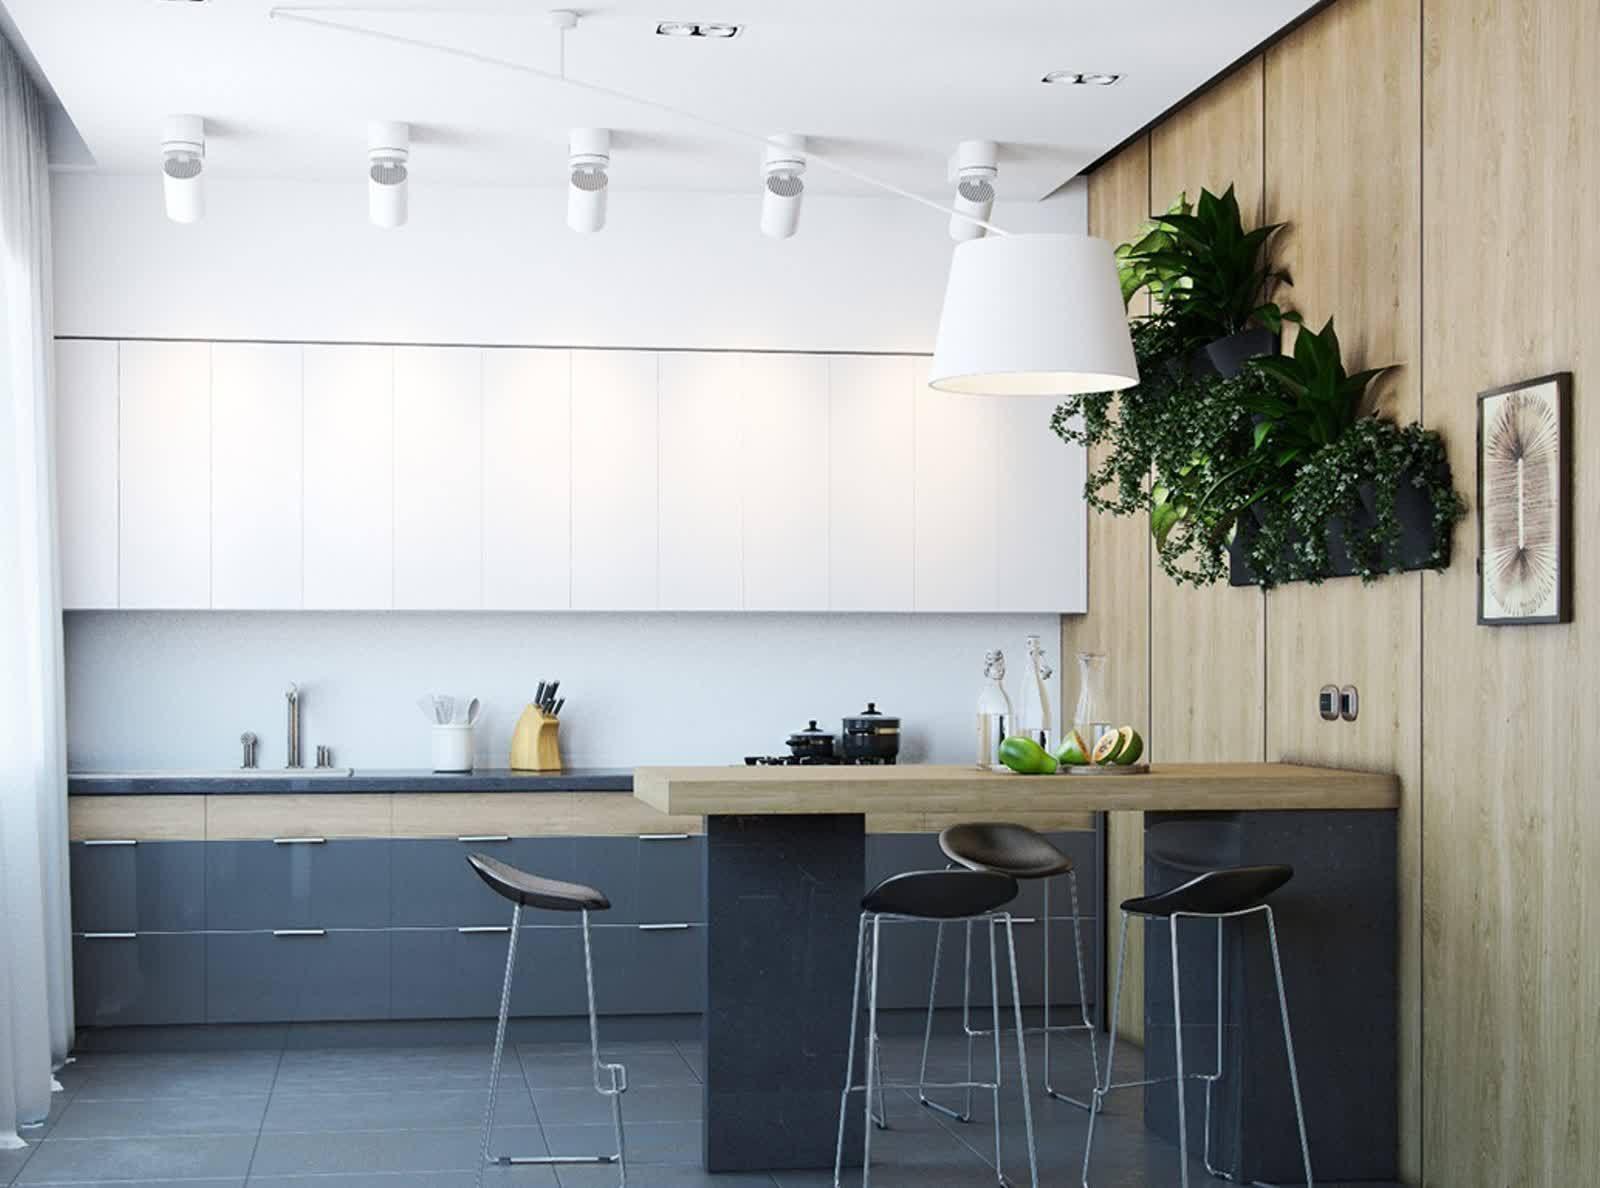 schwarze und weiße vorhänge Möbelideen  Kleine Küchendesign  Pinterest